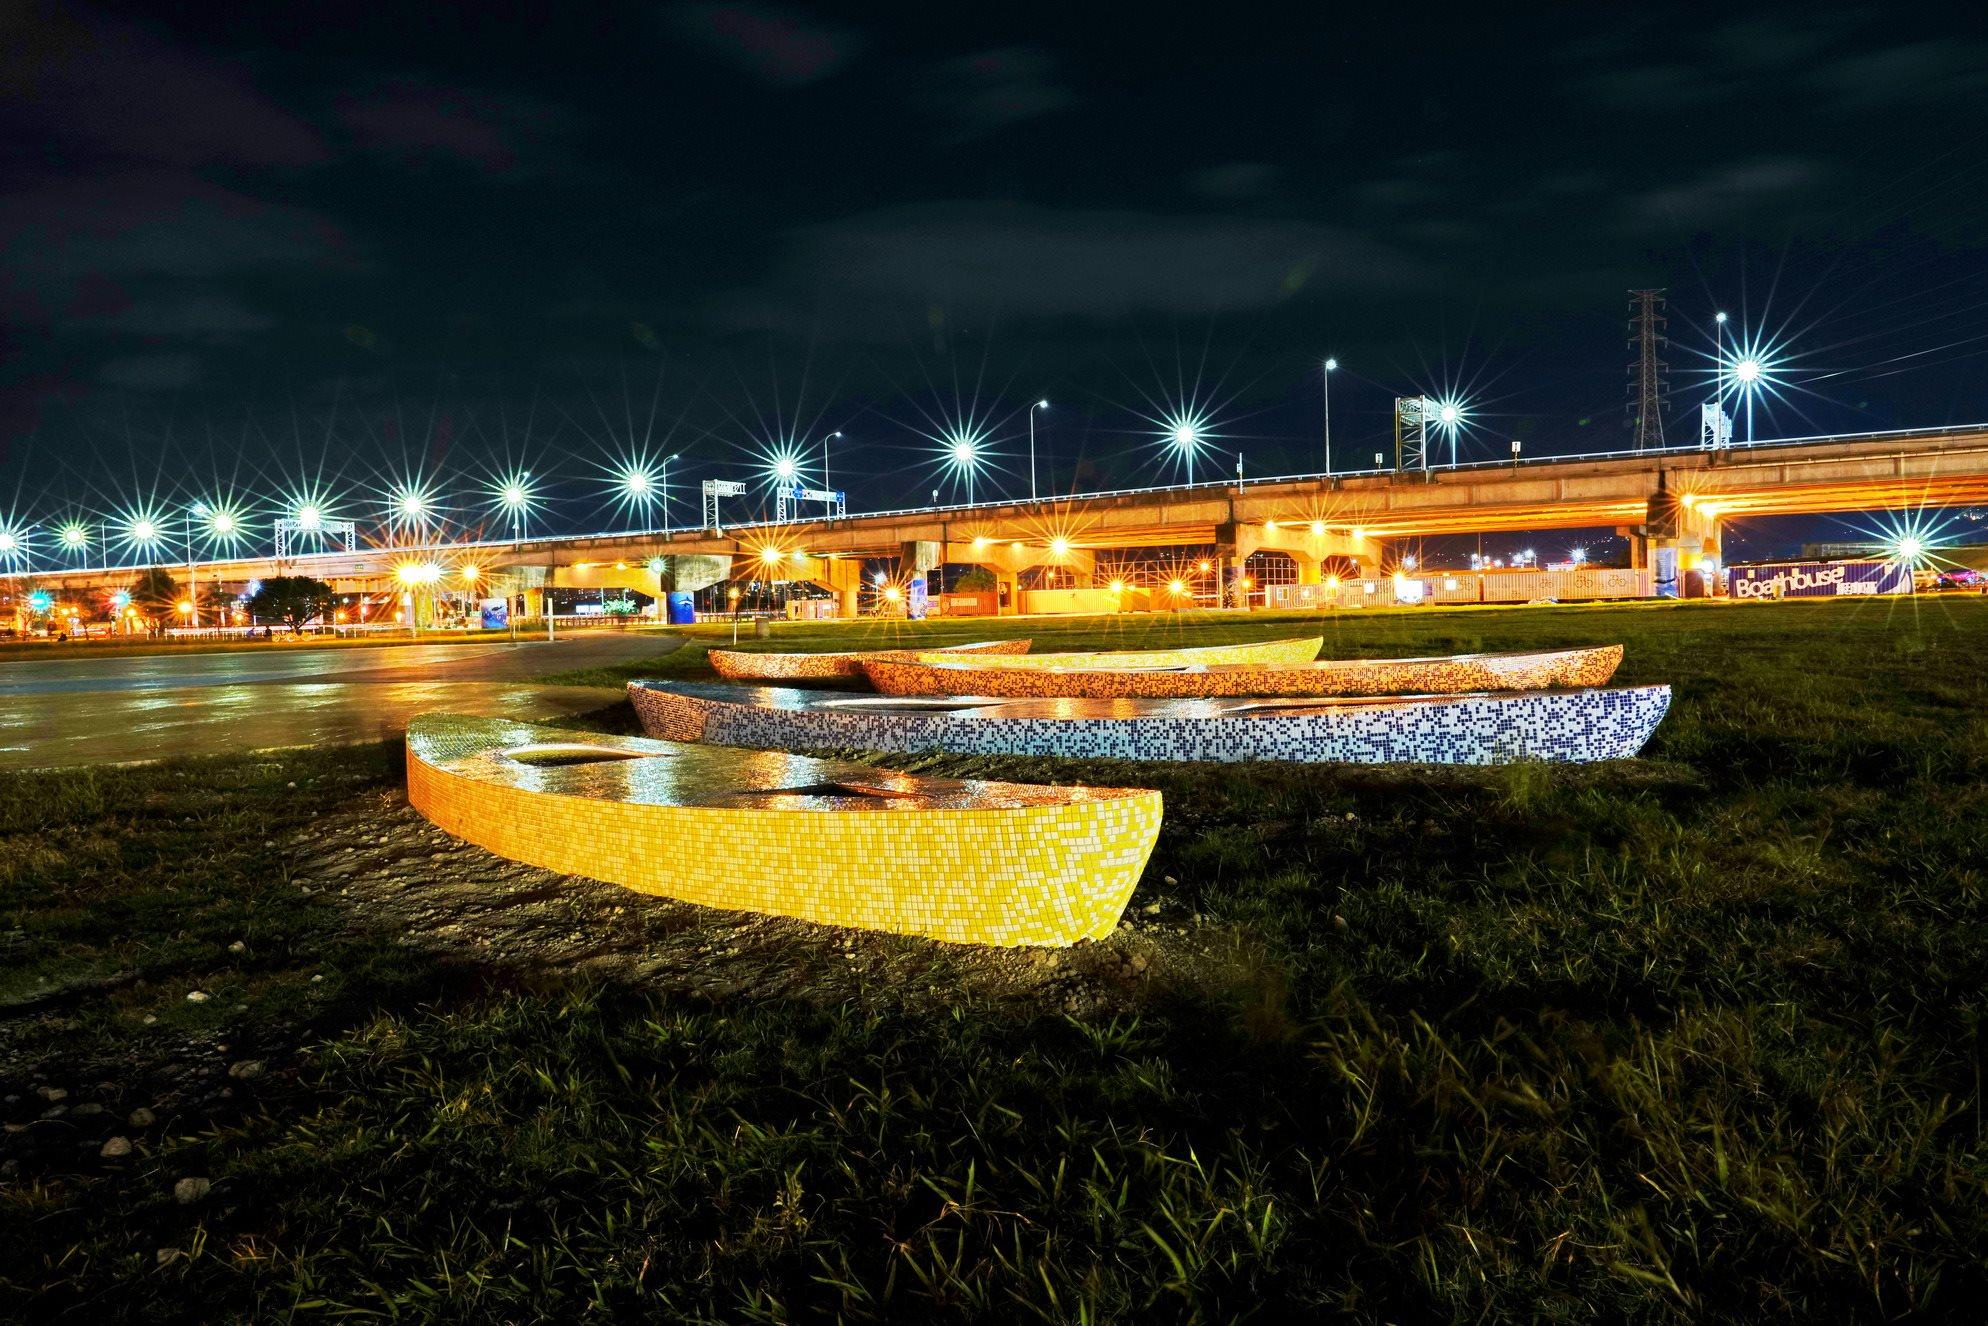 新北市二重疏洪道微風運河水域運動環境改善計畫-水域運動環境改善工程